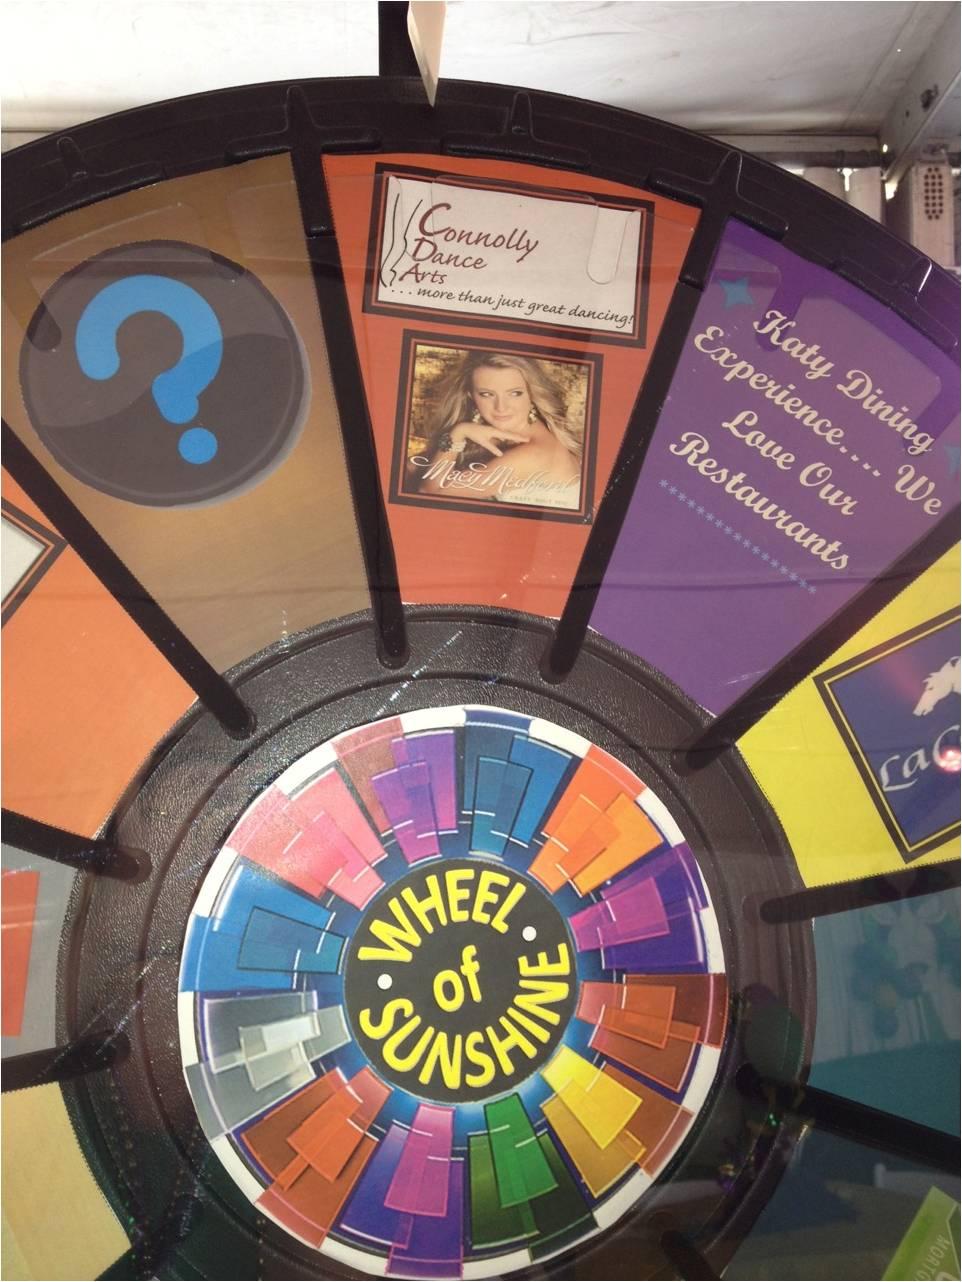 Macy_Medford_Prize_wheel_1